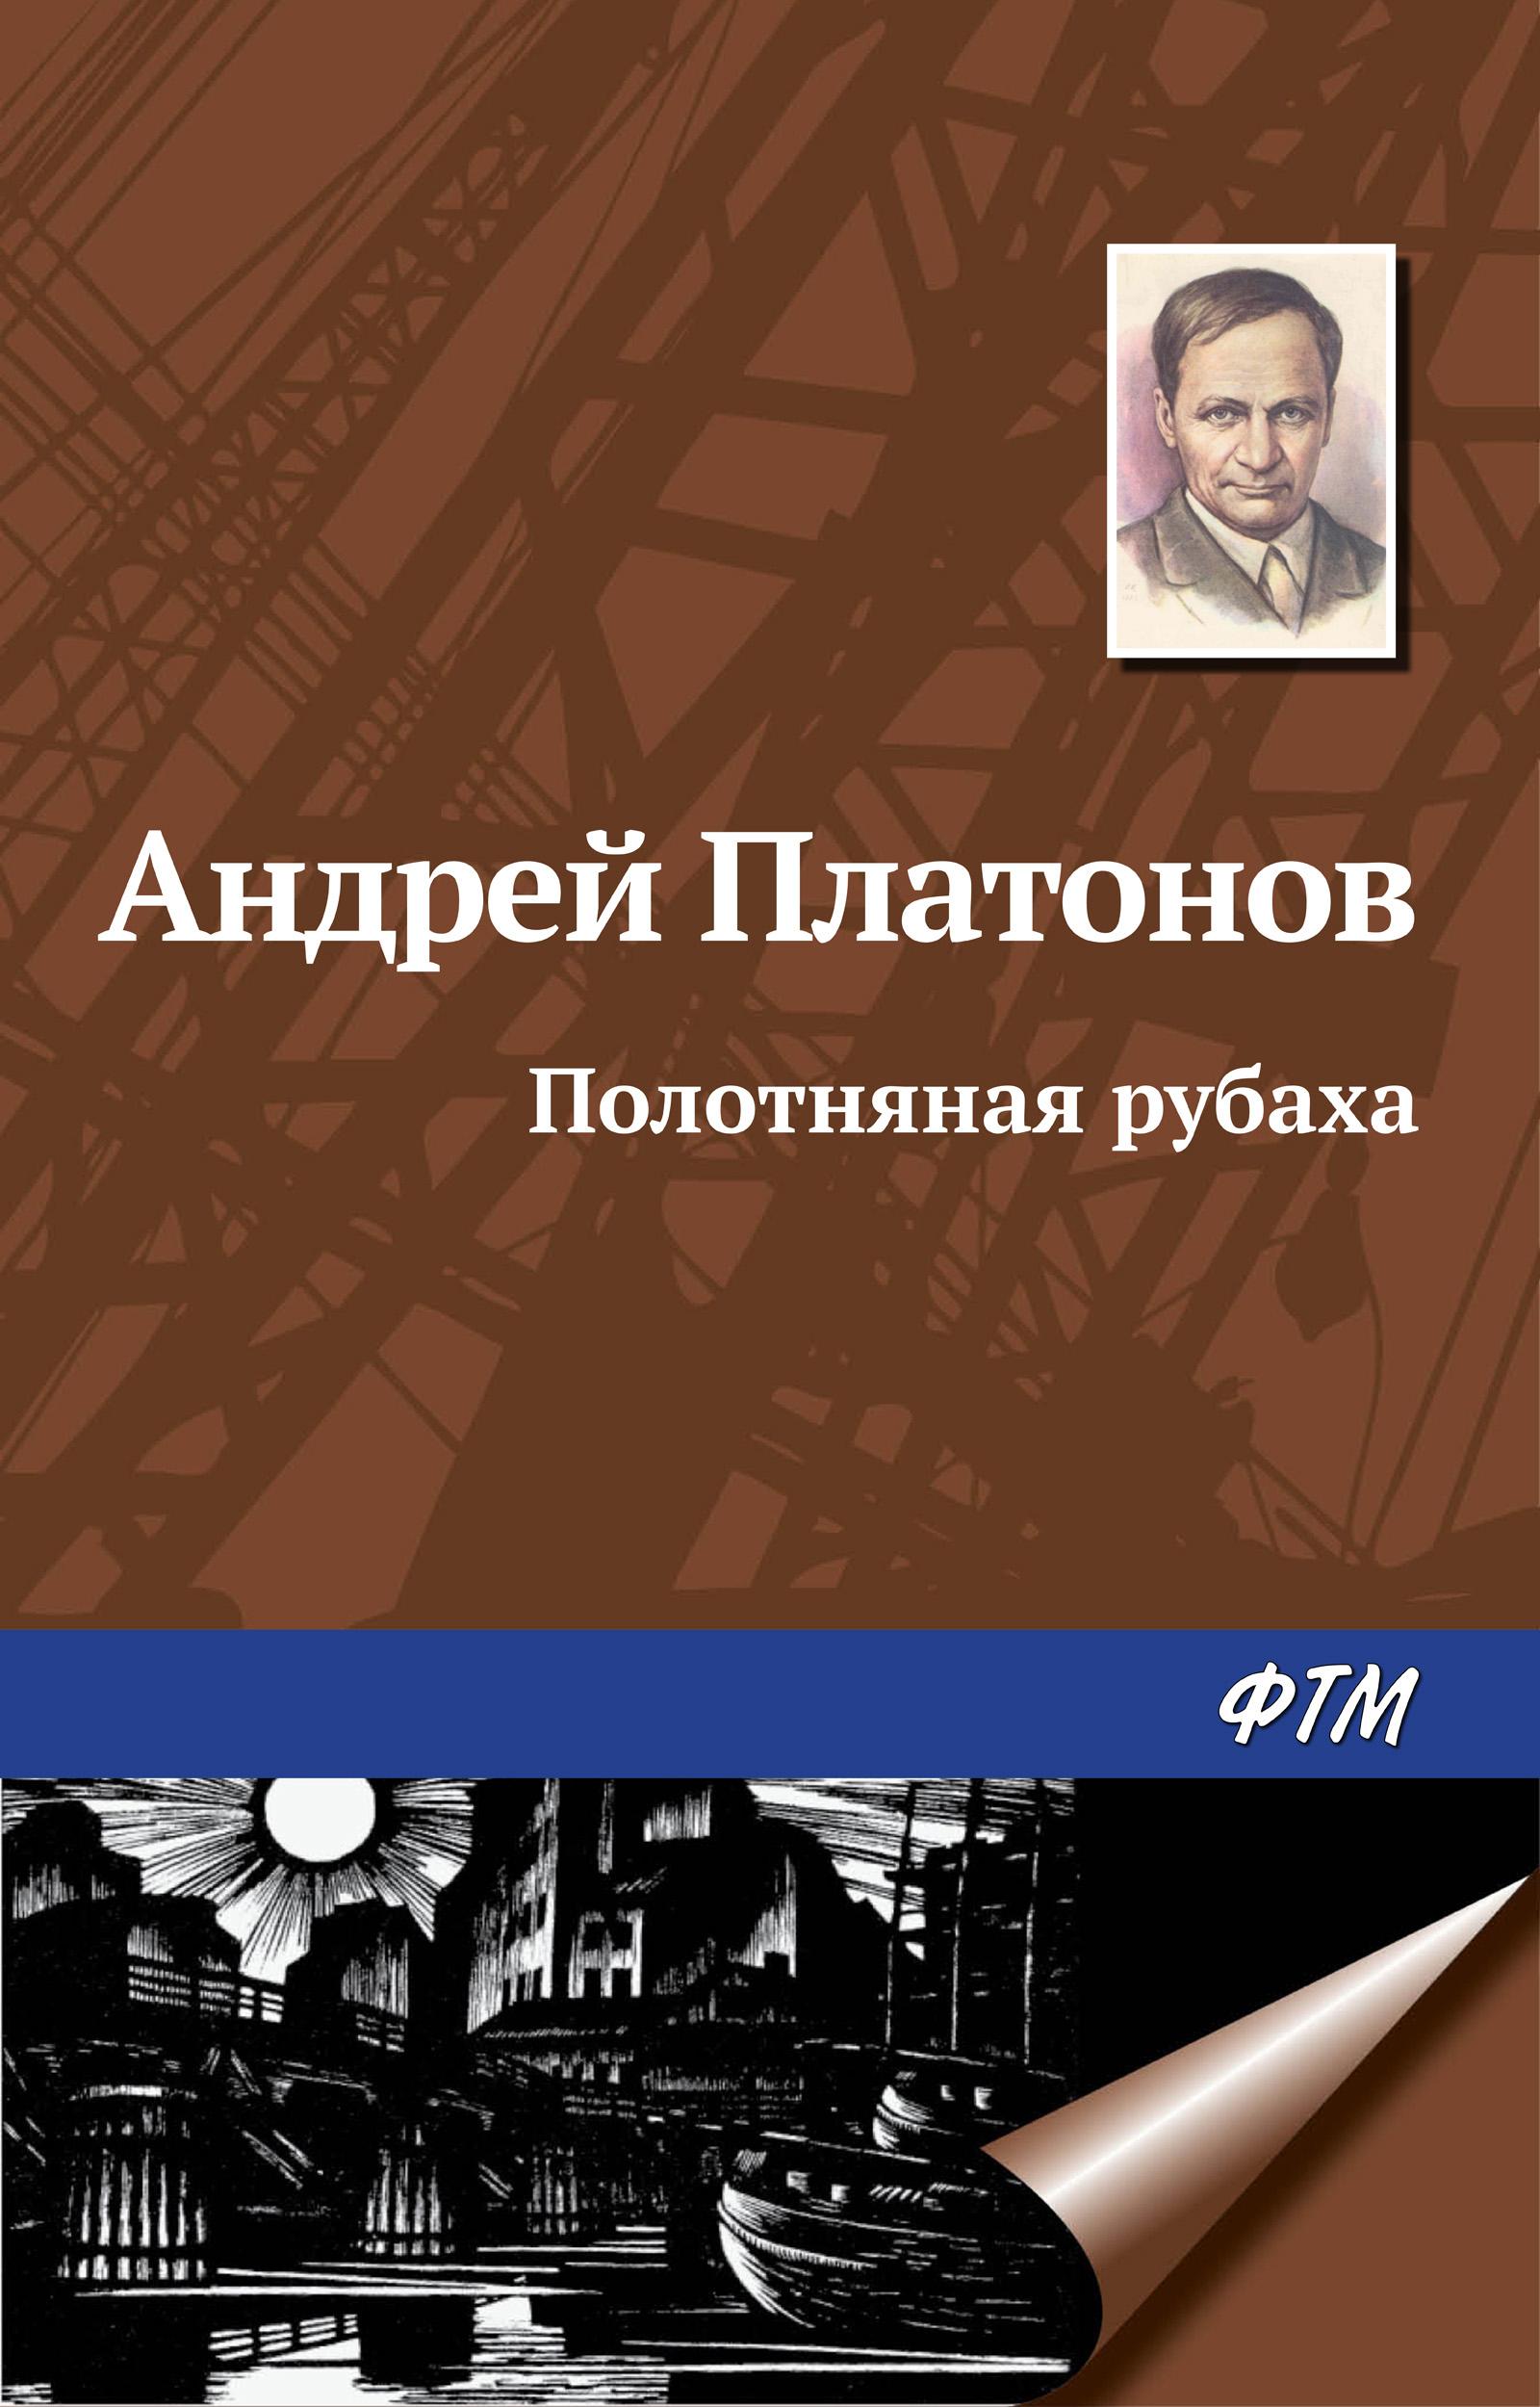 Андрей Платонов Полотняная рубаха